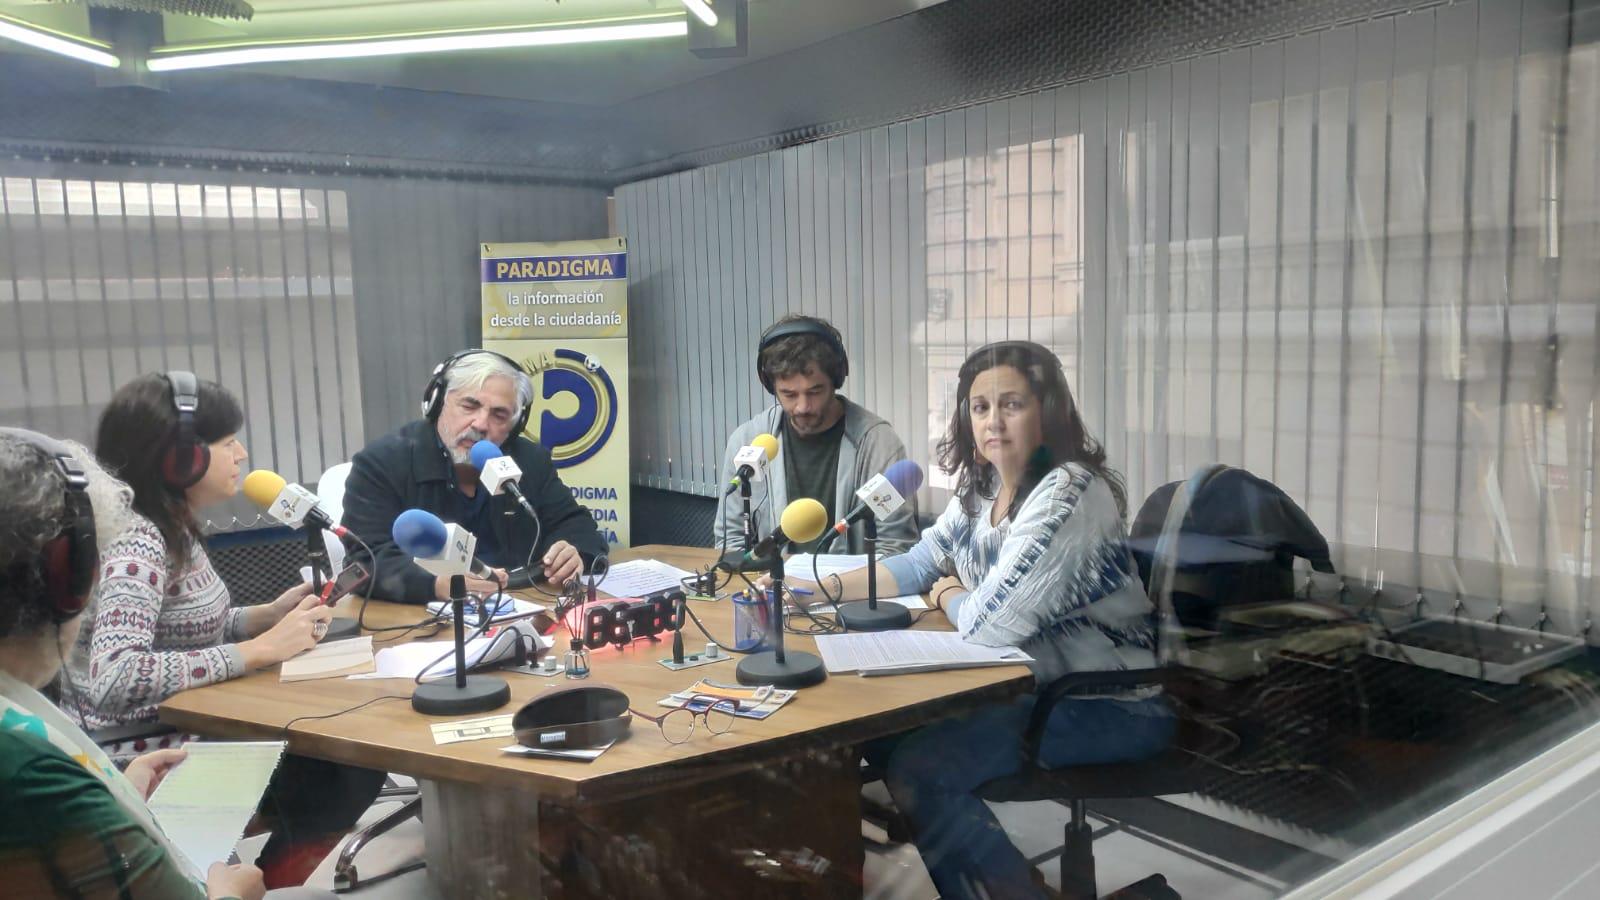 Undécimo programa de la 3ª temporada de ¡Qué tal!¿Cómo estamos? Con Inés Fontiveros y Álex Castellano